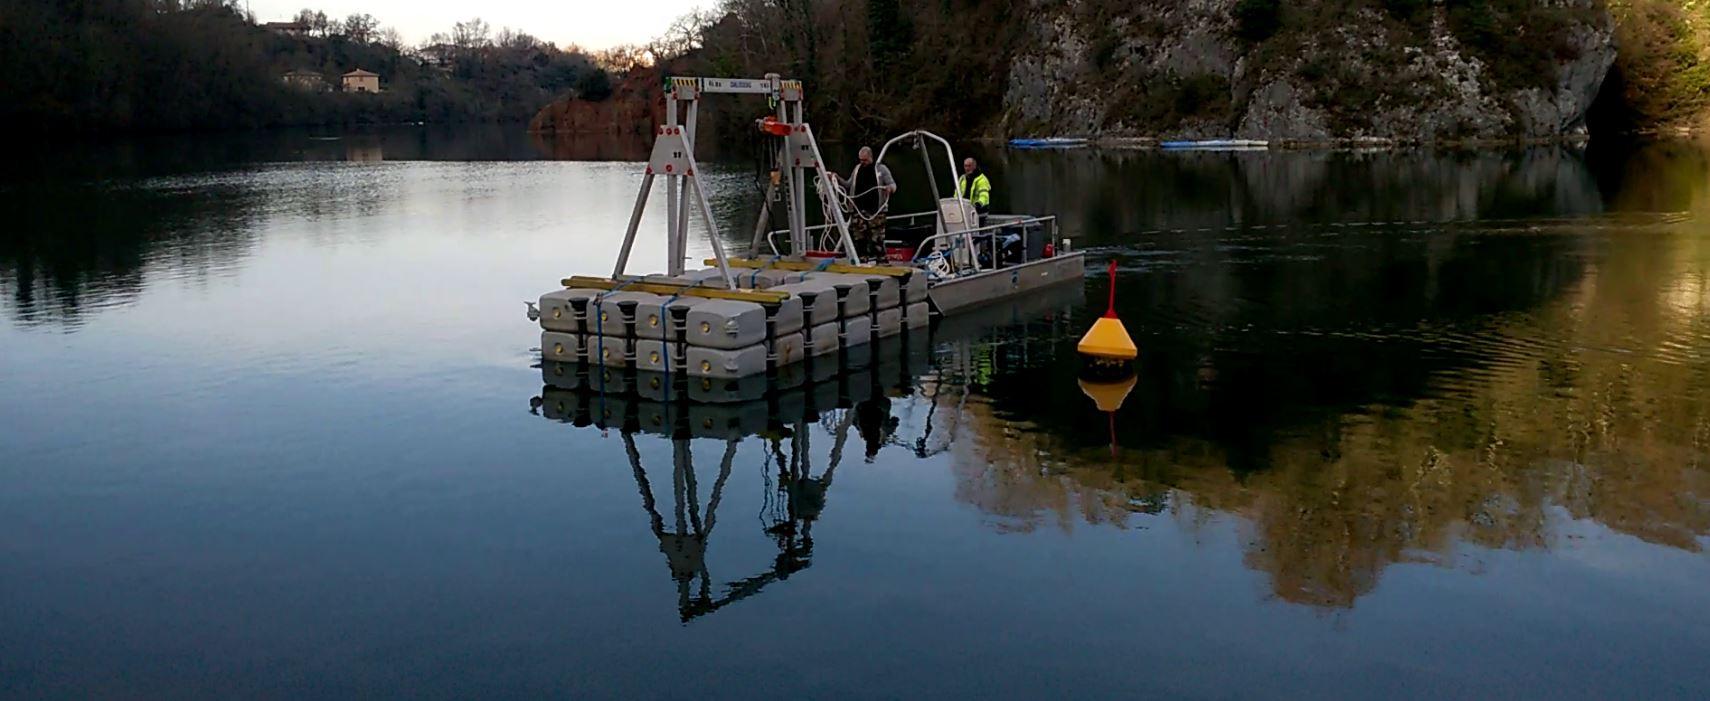 Travaux subaquatiques - Travaux portuaires et balisage fluviaux